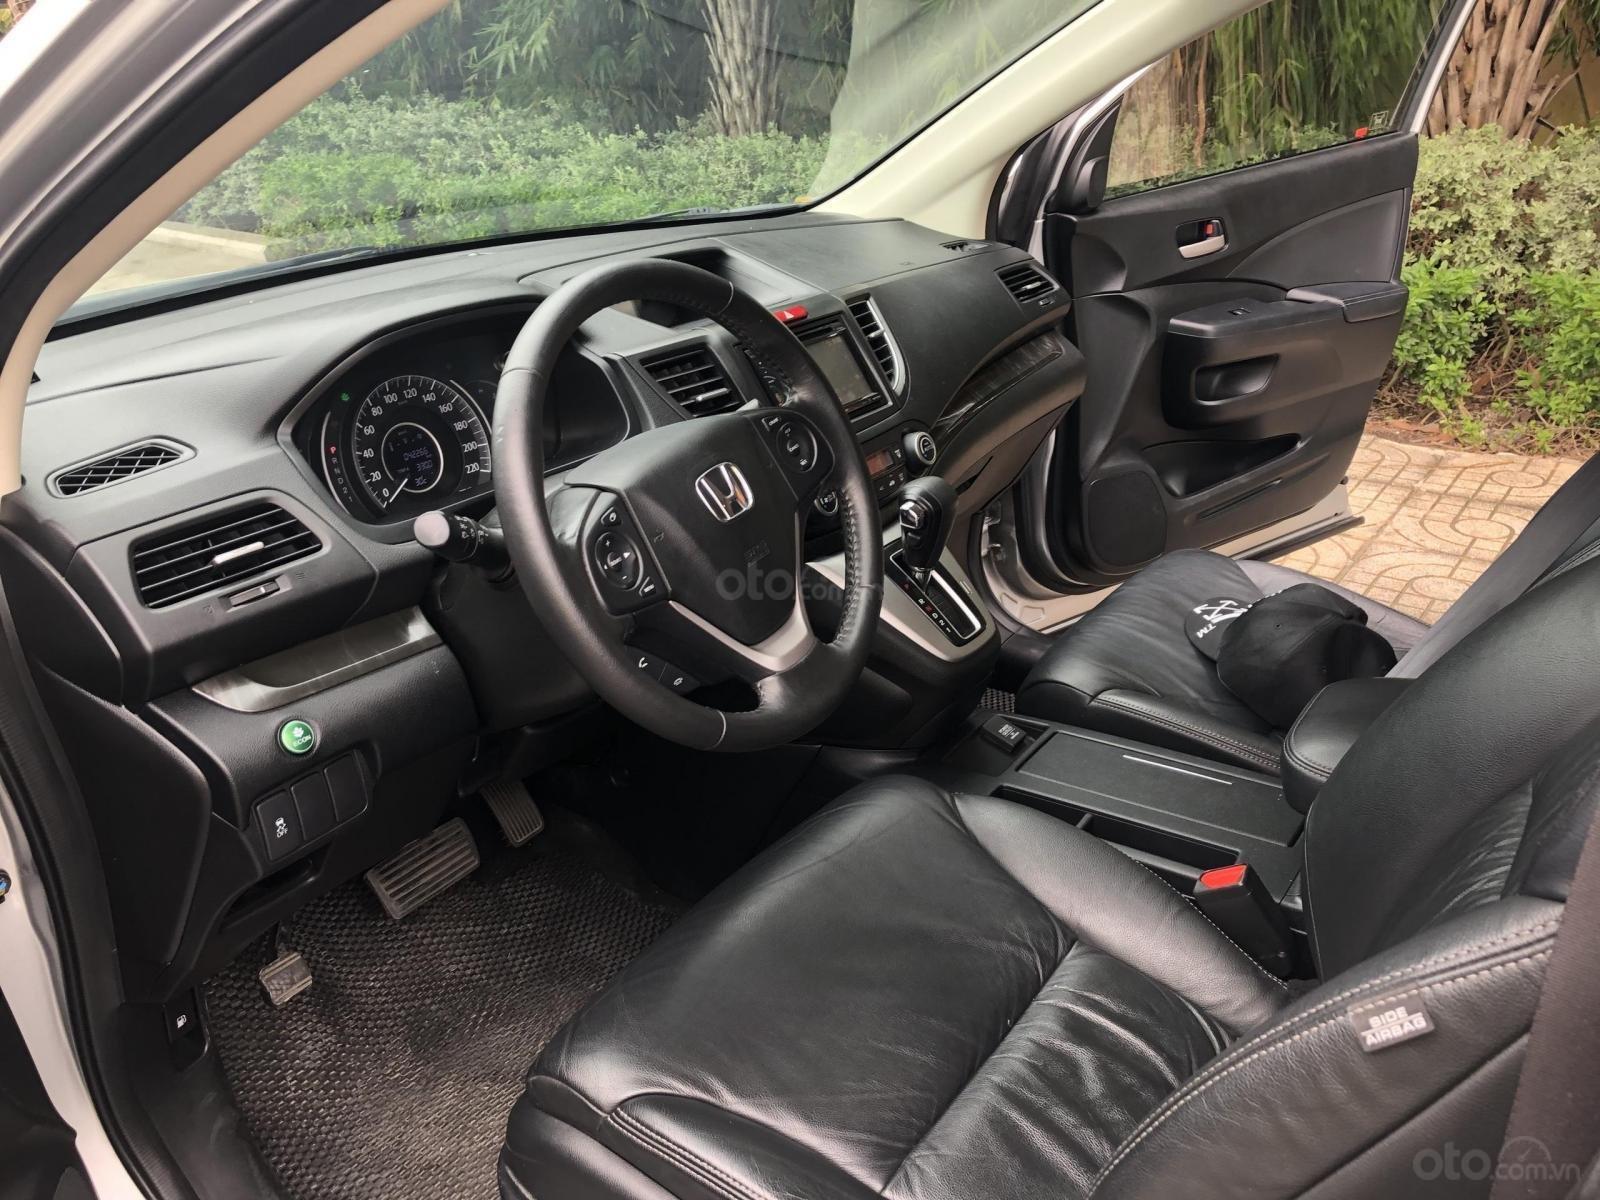 Bán Honda CRV ĐK 2016 màu bạc, tự động, full chức năng-3